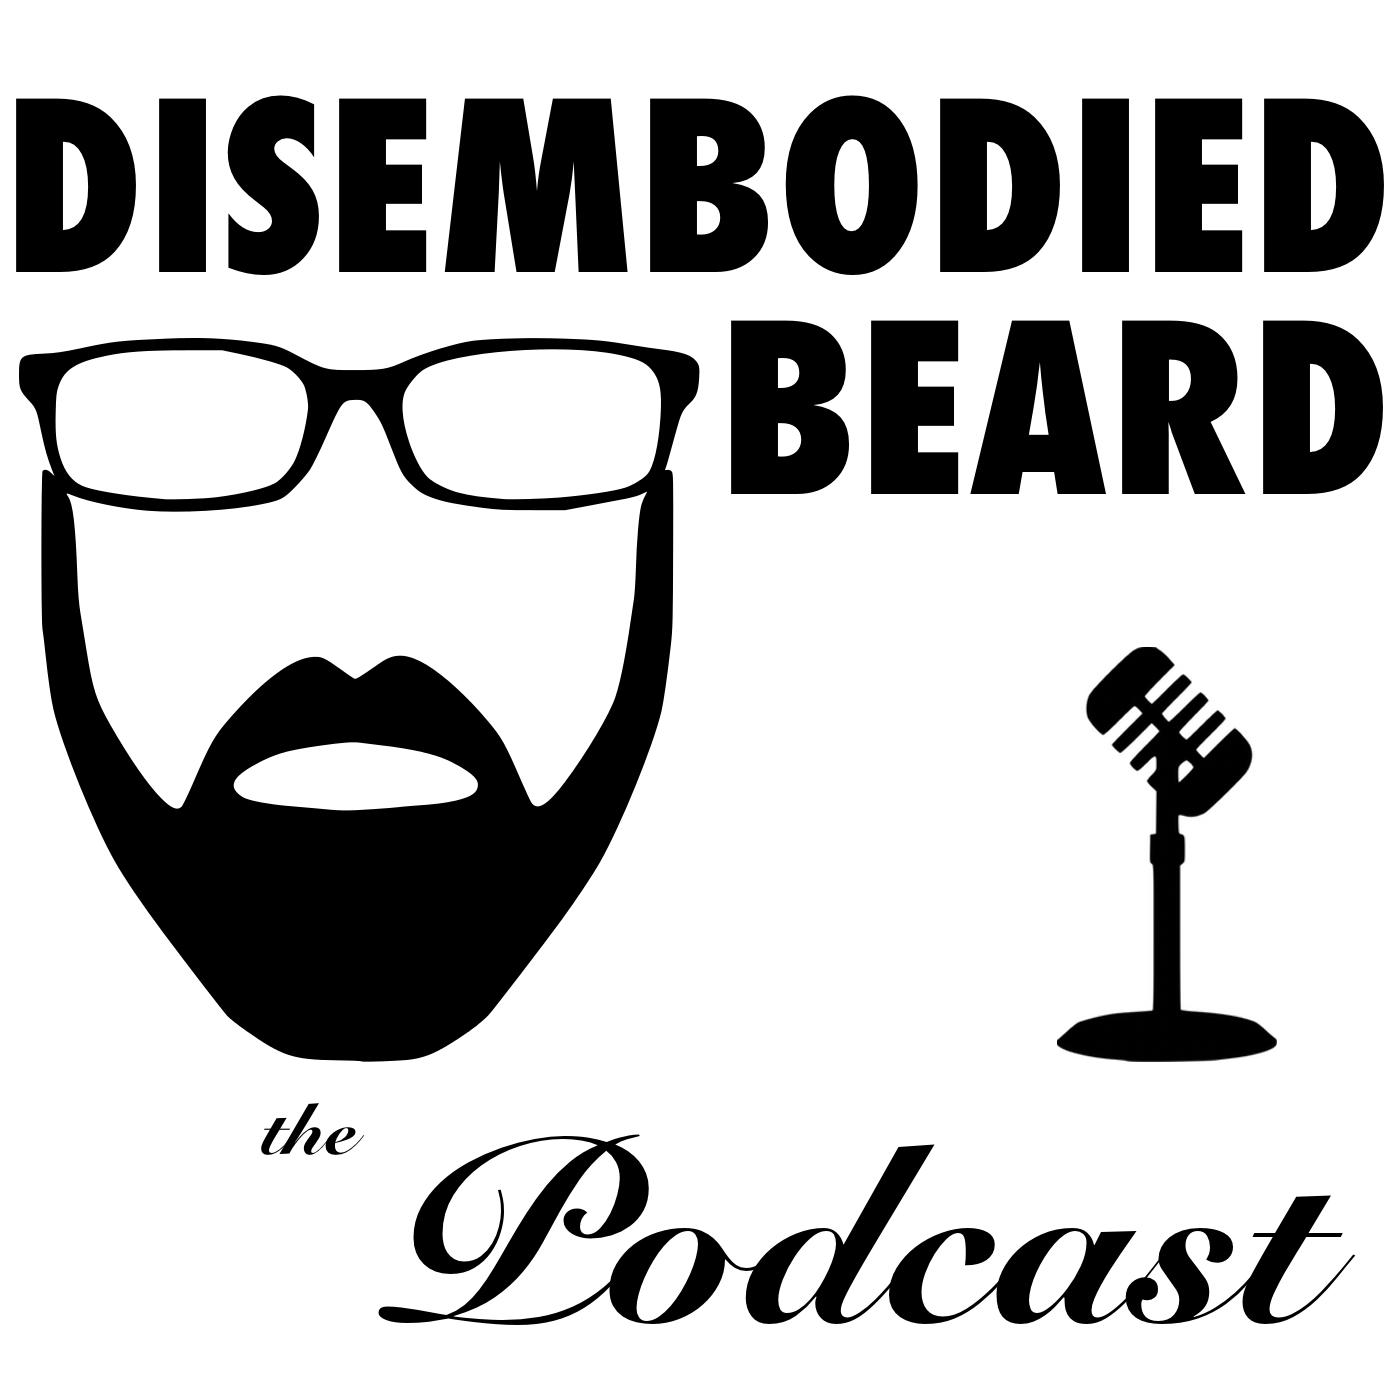 Disembodied Beard